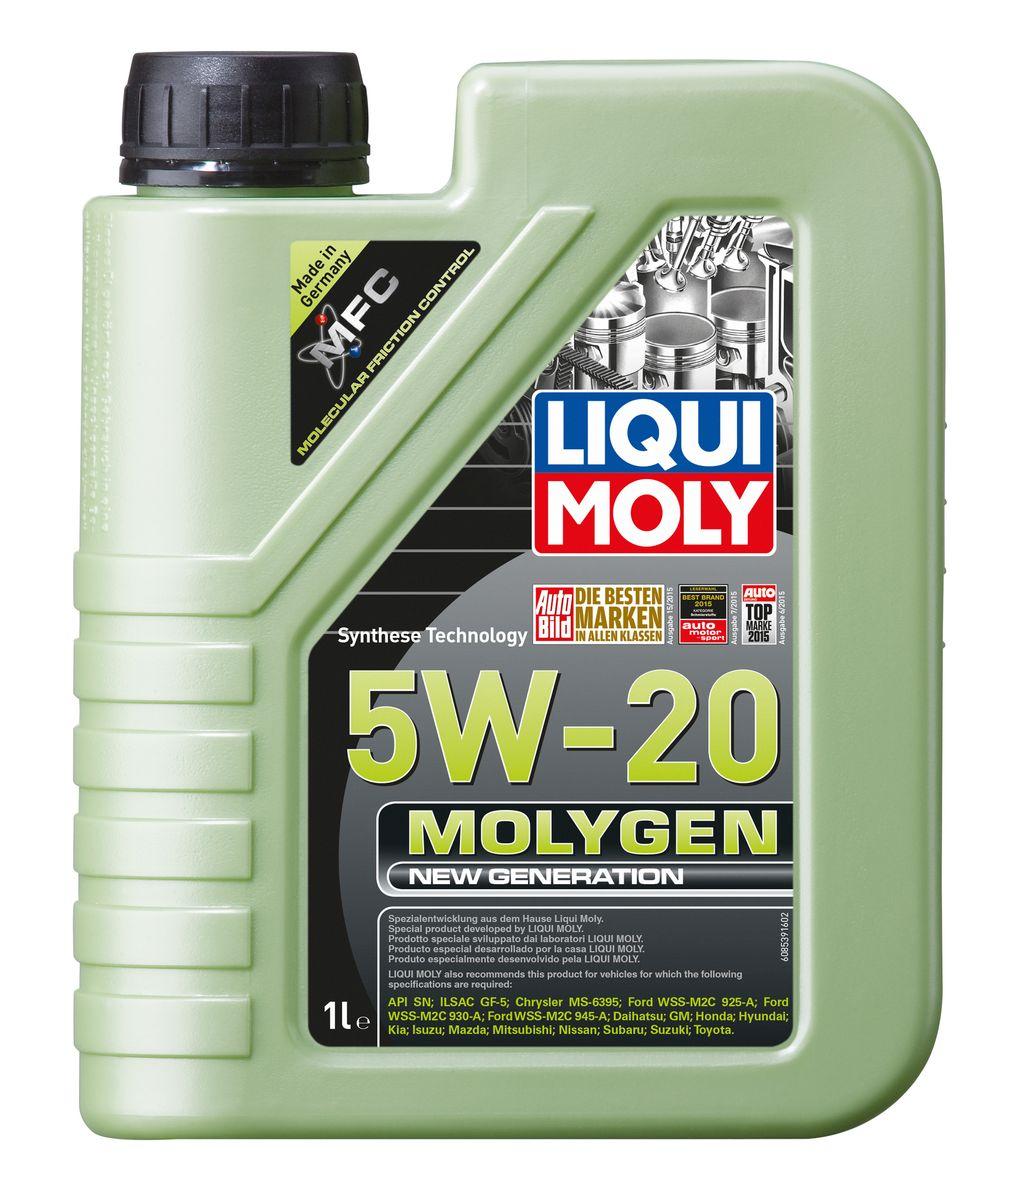 Масло моторное Liqui Moly Molygen New Generation, НС-синтетическое, 5W-20, 1 л8539Масло моторное Liqui Moly Molygen New Generation - это маловязкое моторное масло на базе HC-синтетической технологии с фирменным антифрикционным пакетом присадок Molygen, созданным на основе новейшей технологии Molecular Friction Control. Для самых современных автомобилей американского и азиатского рынка, в частности Honda, Toyota, Ford, Chrisler. Экономит до 7% топлива и существенно продлевает ресурс двигателя. Моторное масло удовлетворяет самым современным спецификациям API SN и ILSAC GF-5 и имеет энергосберегающий класс вязкости 5W-20. Особенности: - Наивысшая защита от износа - Высочайшие показатели топливной экономии - Быстрое поступление масла ко всем деталям двигателя при низких температурах - Сокращает эмиссию выхлопных газов - Отличная чистота двигателя - Совместимо с современными системами нейтрализации отработавших газов бензиновых двигателей - Очень низкий расход масла - Цветовой индикатор утечек,...